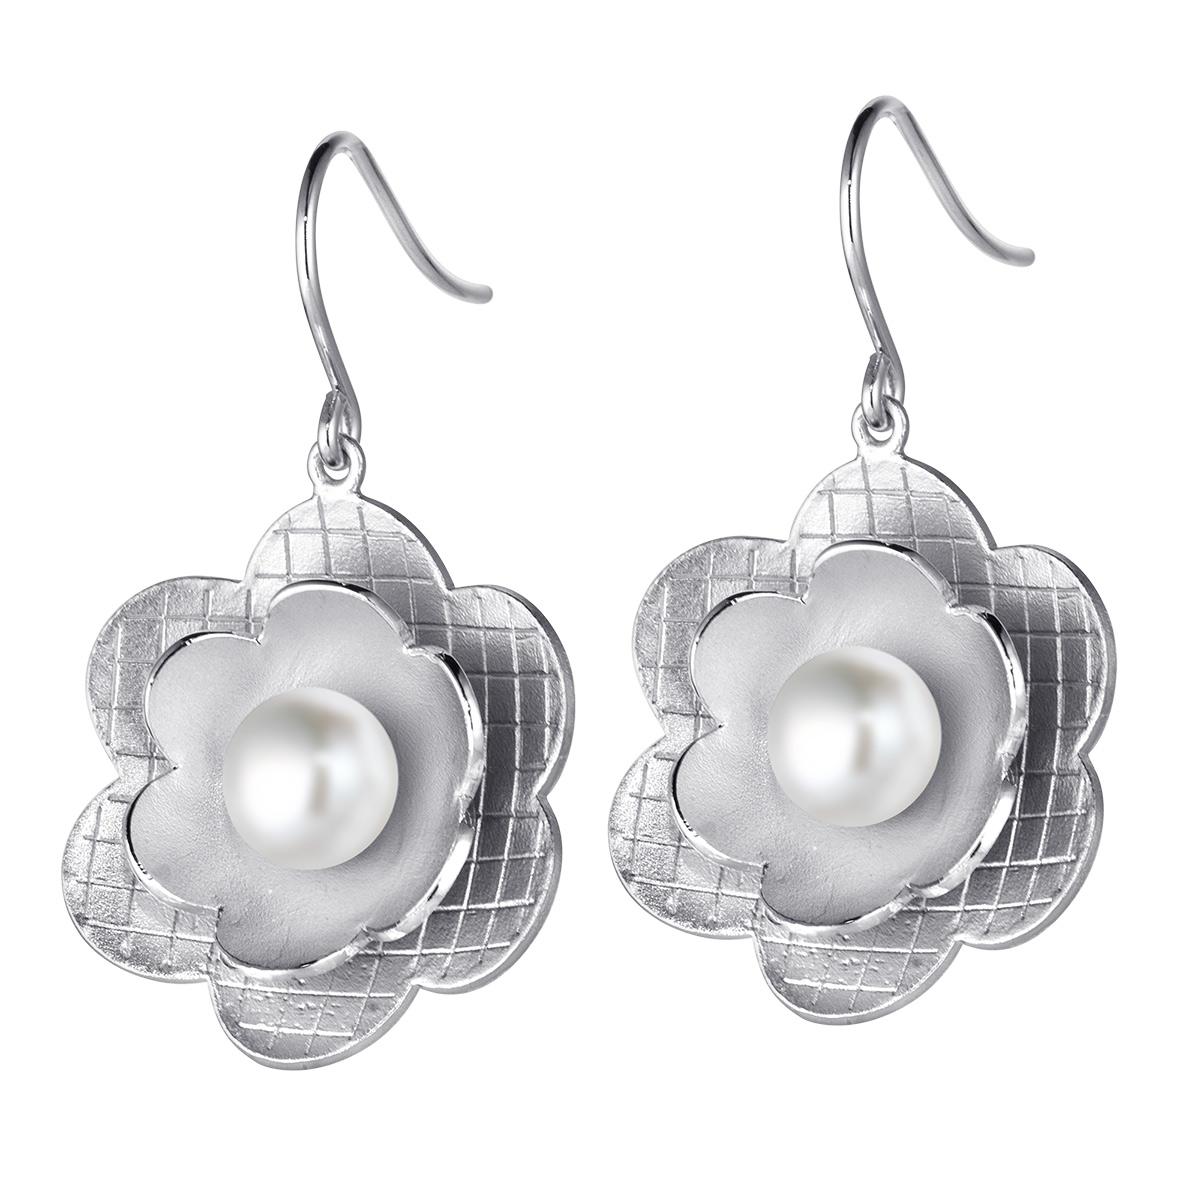 Damen Silber Ohrringe Ohrhänger Ohrschmuck Blume Blüte Geschenk